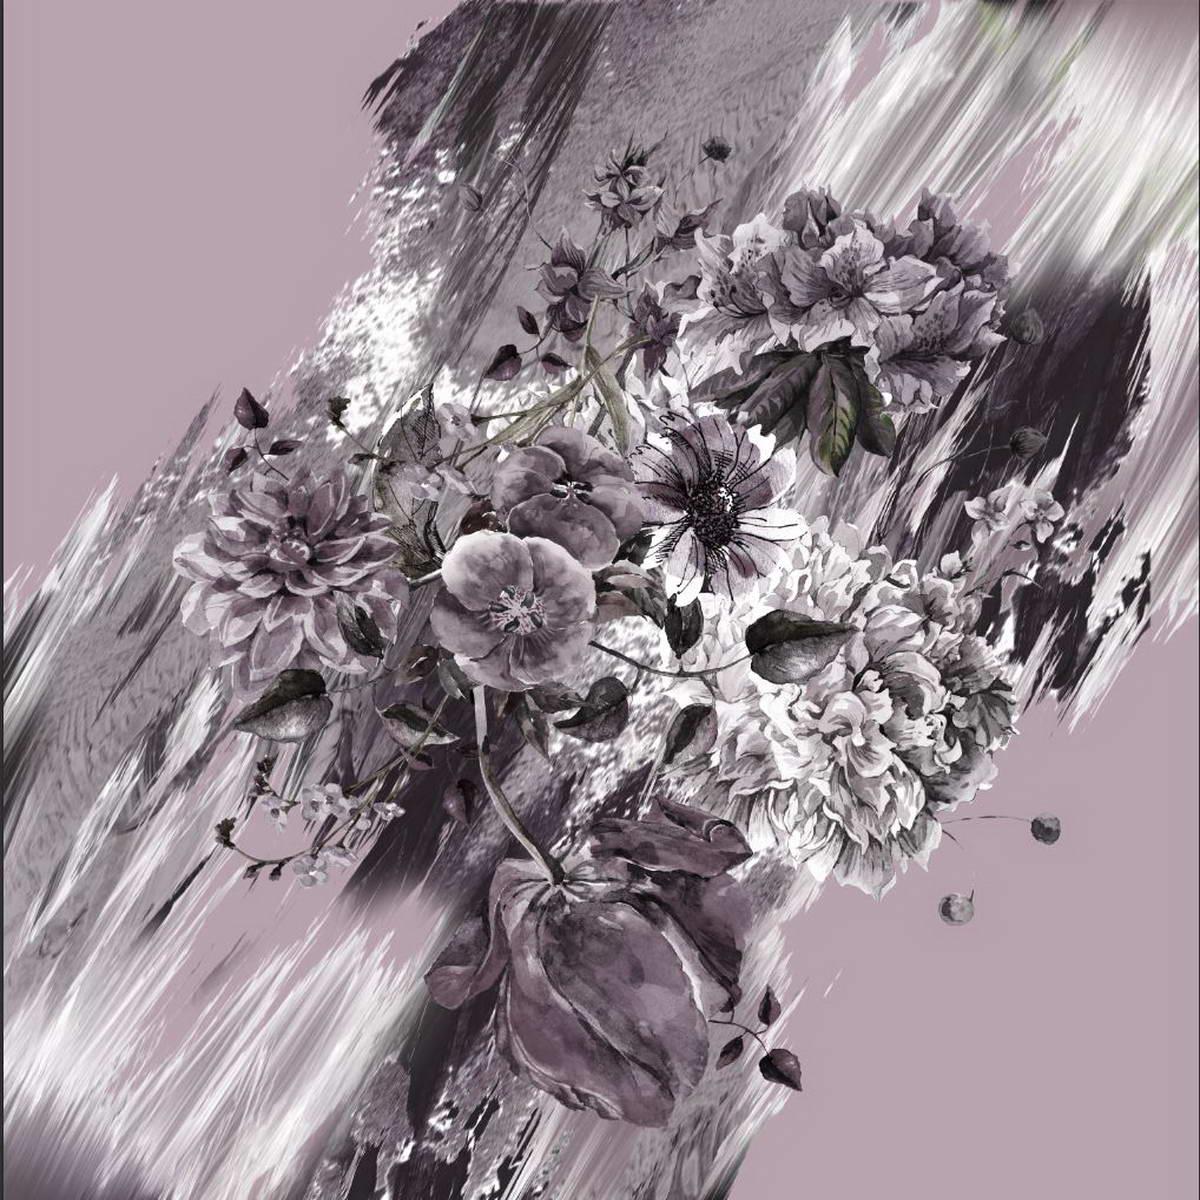 Платок Venera, цвет: серый, черный, белый. 3902627-11. Размер 90 см х 90 см3902627-11Платок Venera выполнен из 100% полиэстера. Материал мягкий, уютный и приятный на ощупь. Модель дополнена интересным зеркальным принтом. Отличный выбор для повседневного городского образа. Необычный рисунок привлечет внимание окружающих. В нем вы будете неповторимы.